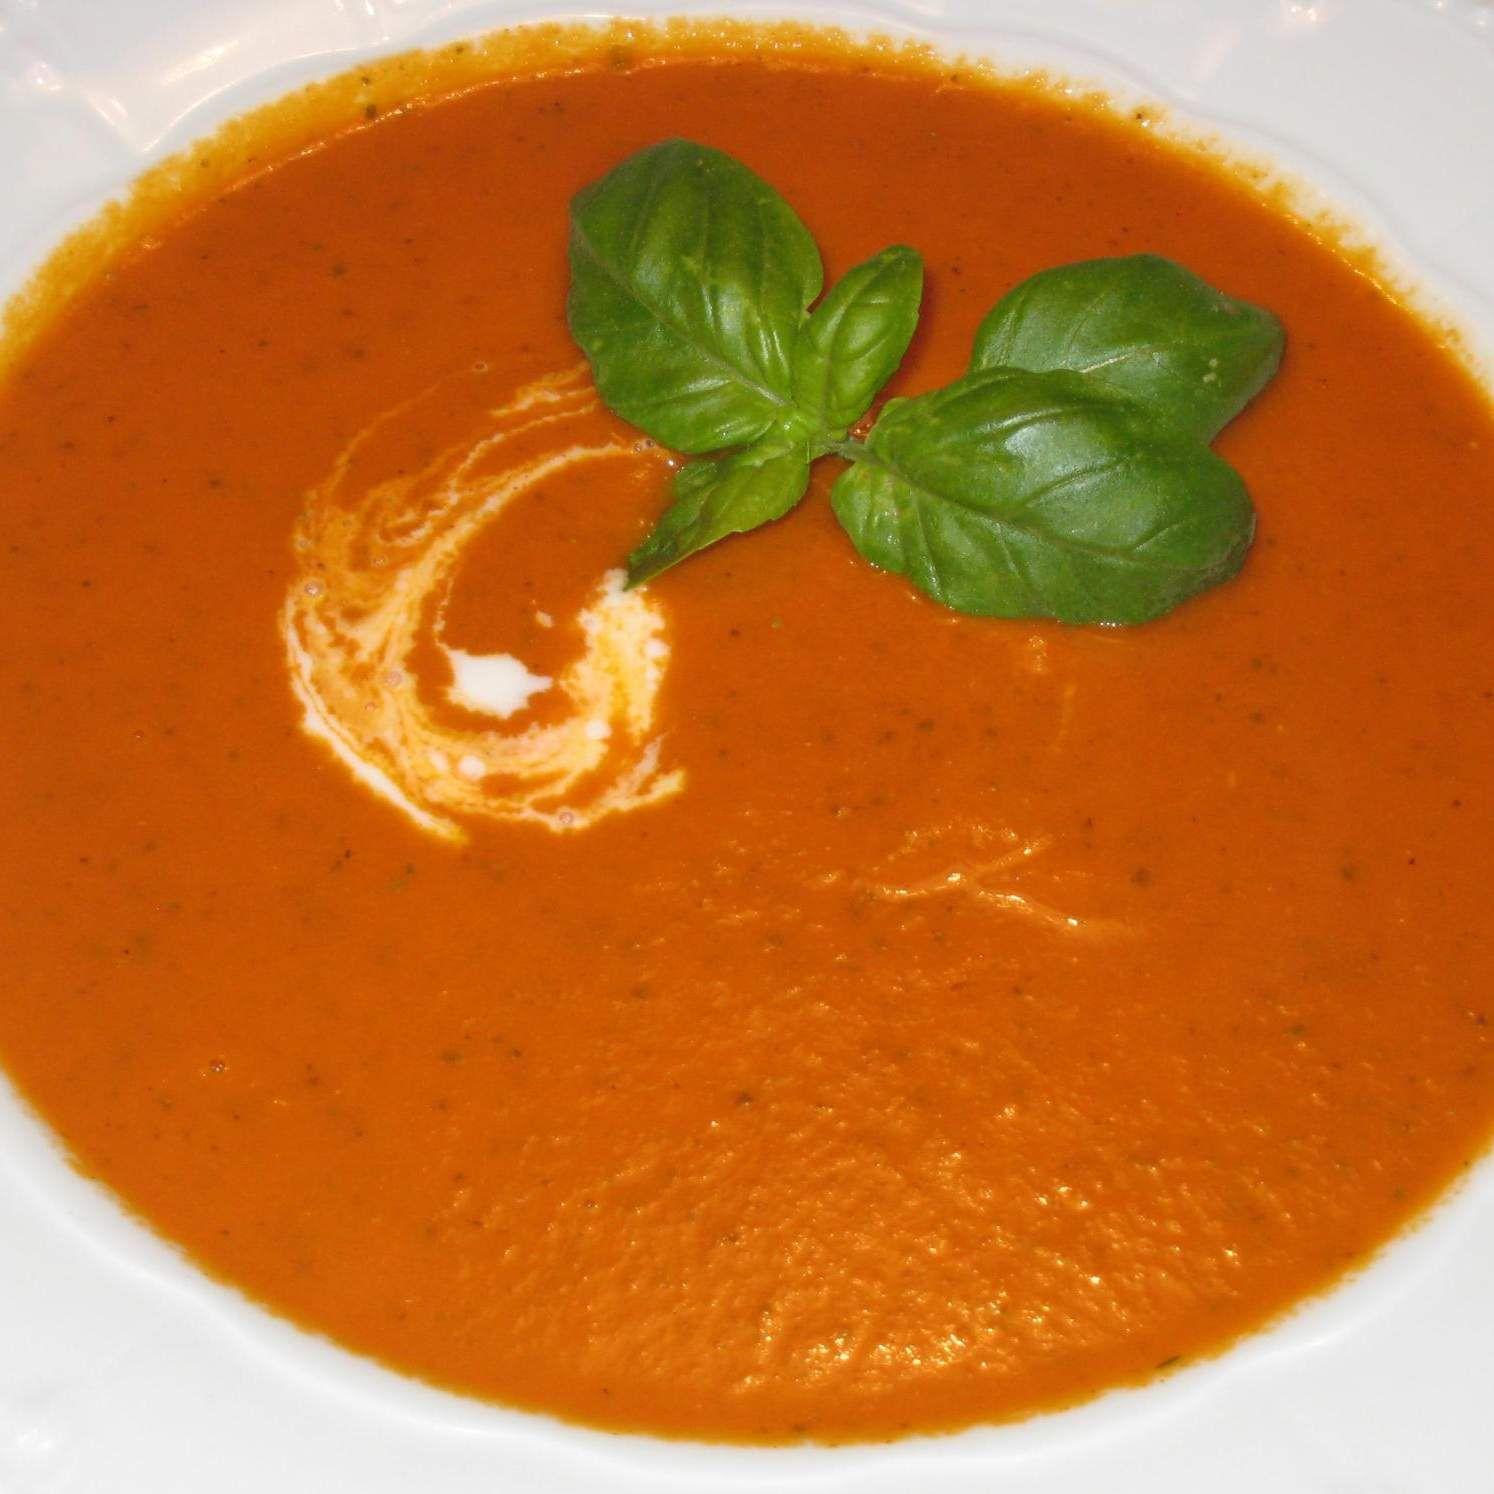 f0b9656cf5746da49a6887add1f29545 - Rezepte Tomatensuppe